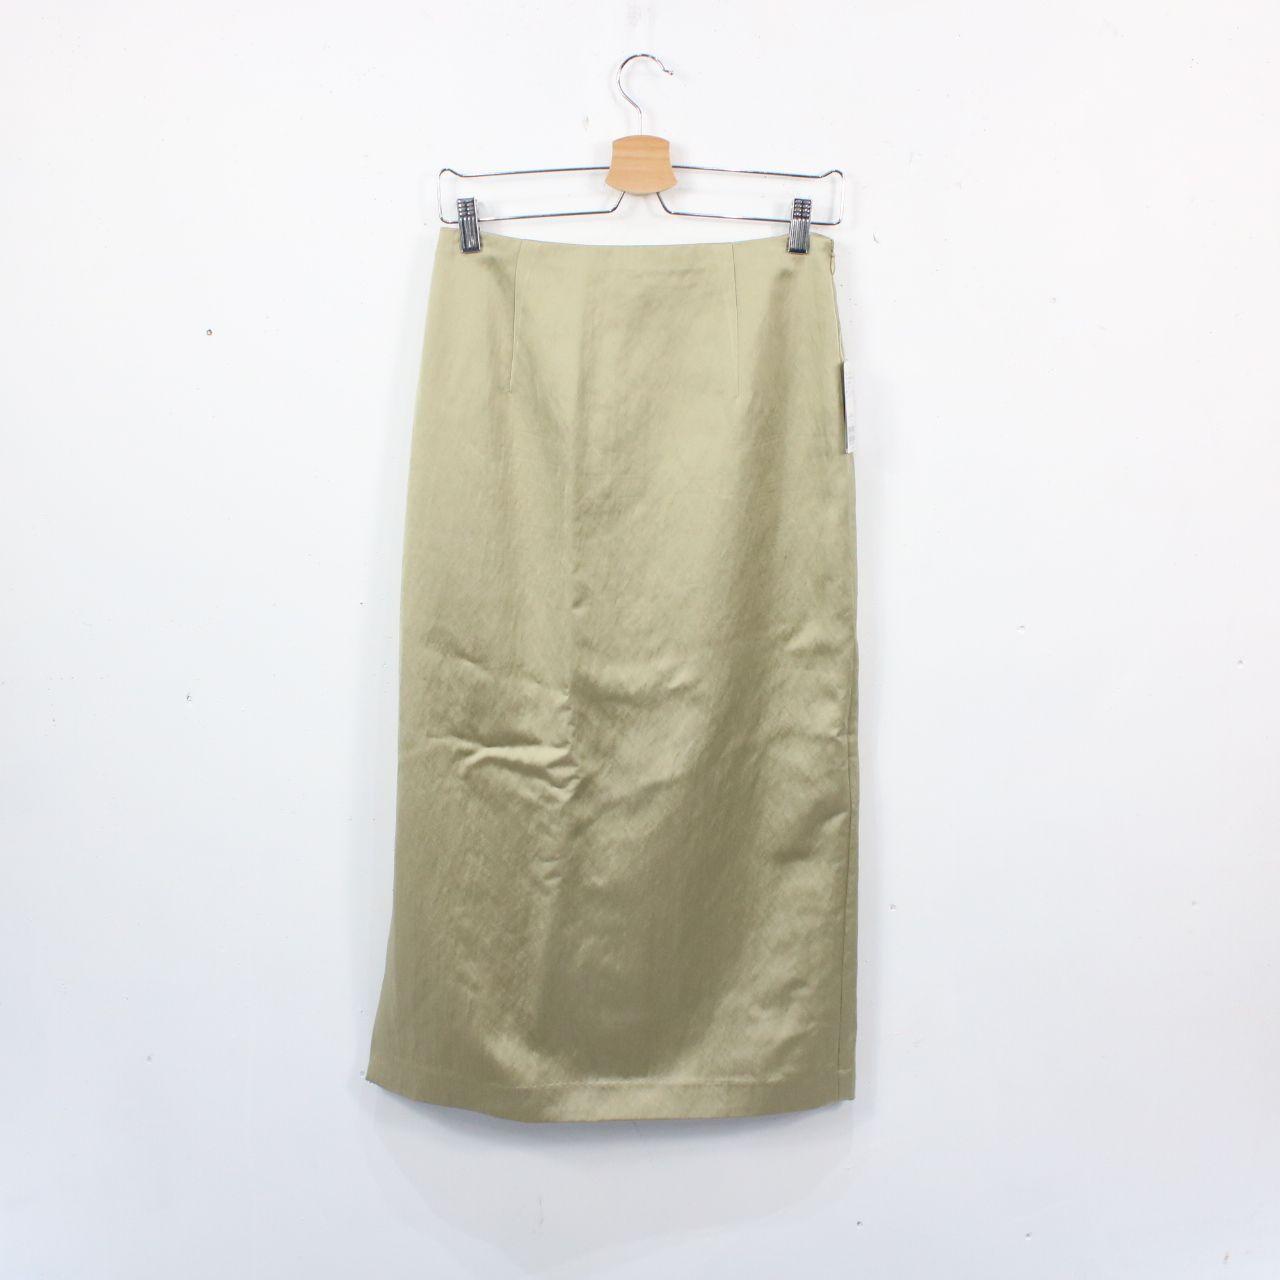 【新品】IENA / イエナ | 2020SS | サテンタイトスカート | 38 | グリーン